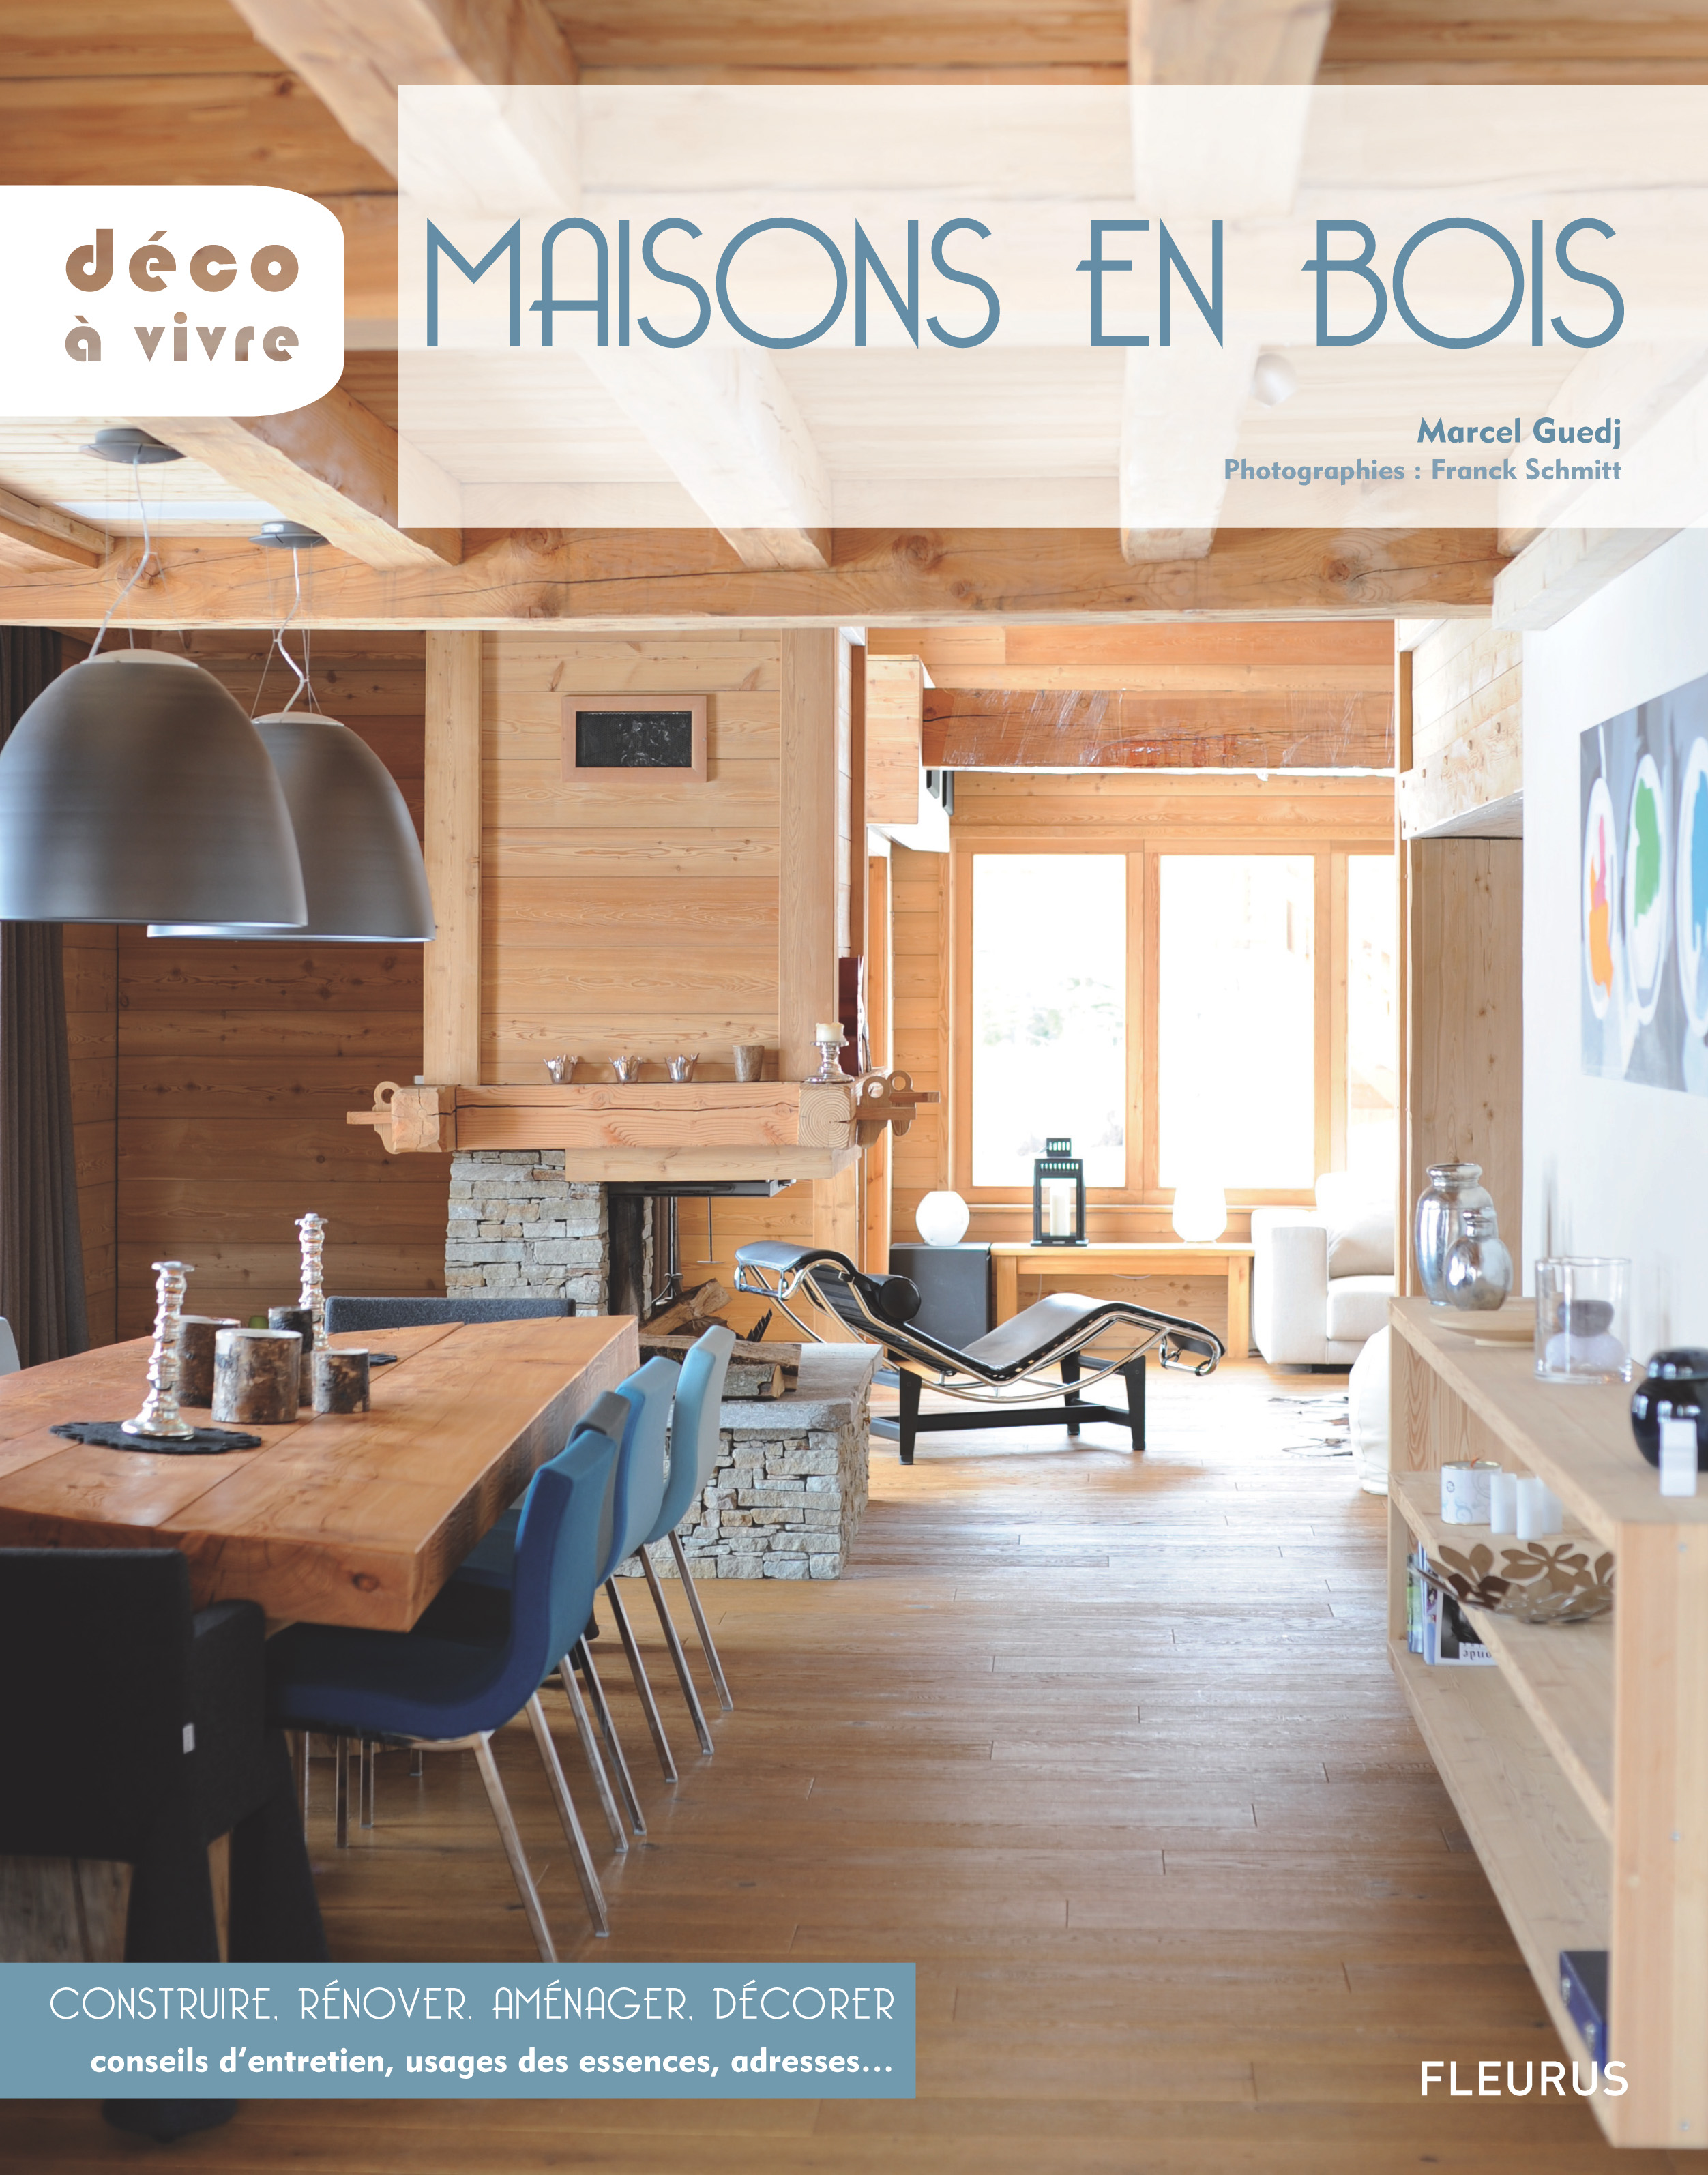 Le livre lire absolument si vous voulez construire une maison en bois for Livre construction bois